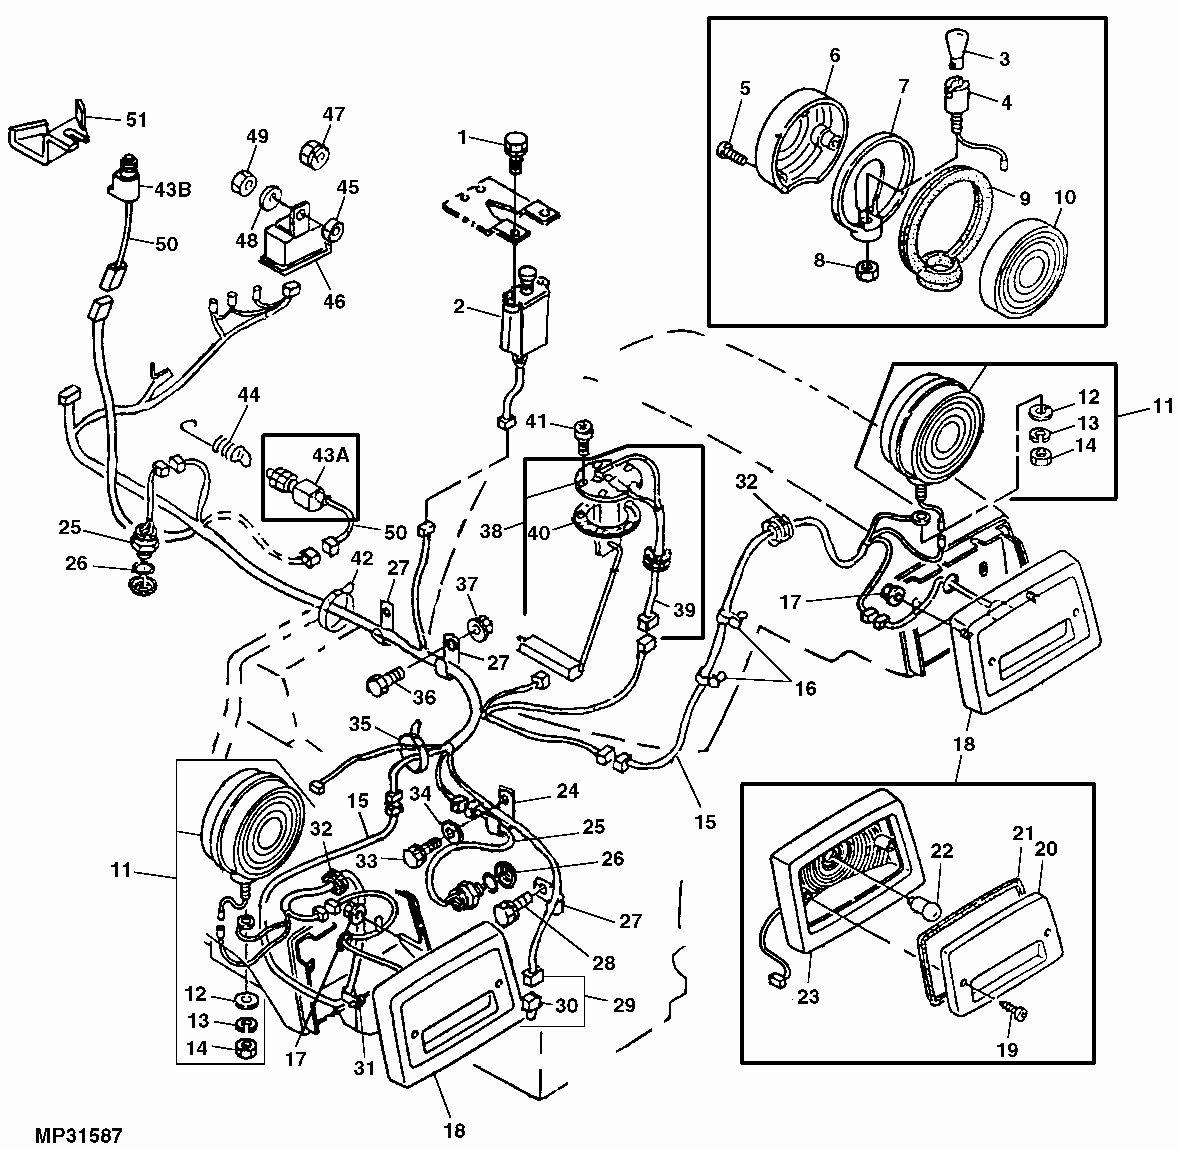 John Deere Wiring Diagram Download Beautiful John Deere Lt133 Wiring - John Deere Wiring Diagram Download